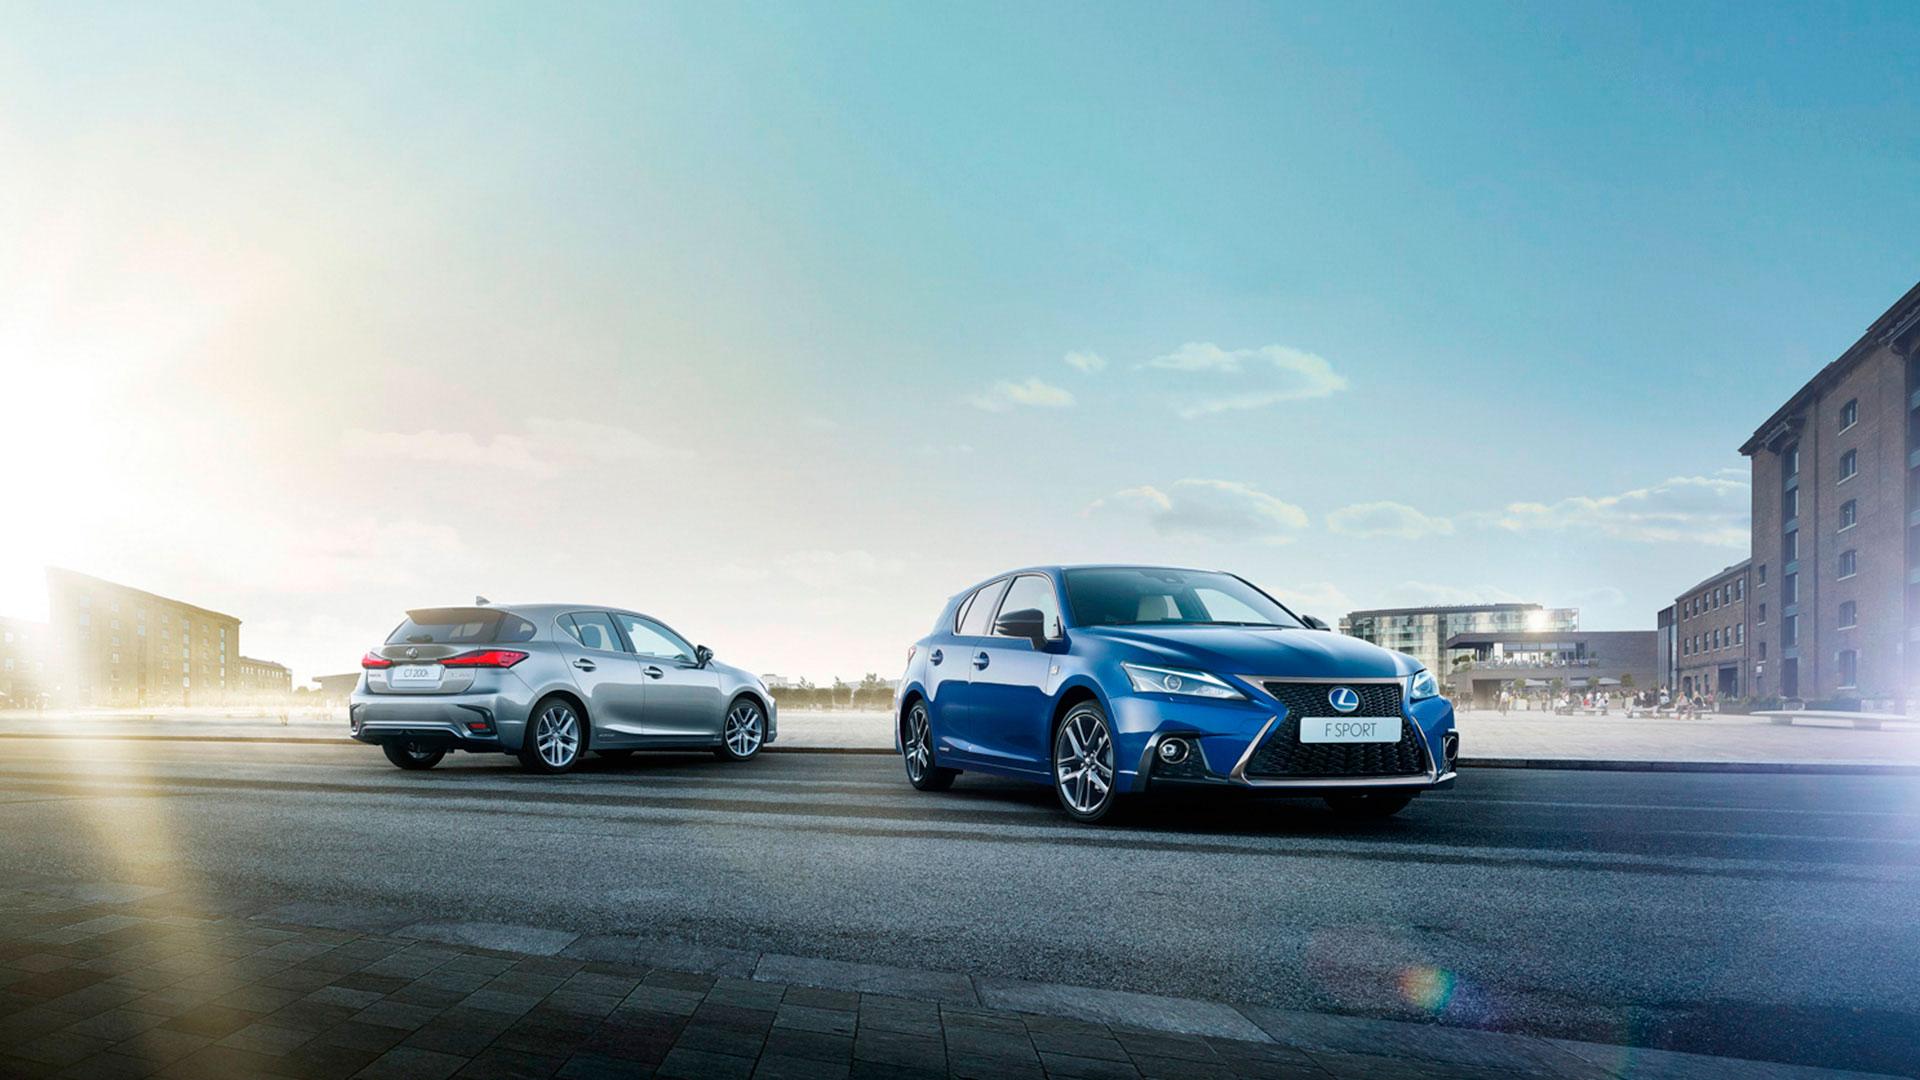 Lexus presenta su nuevo modelo CT 200h con estilo deportivo e innovador